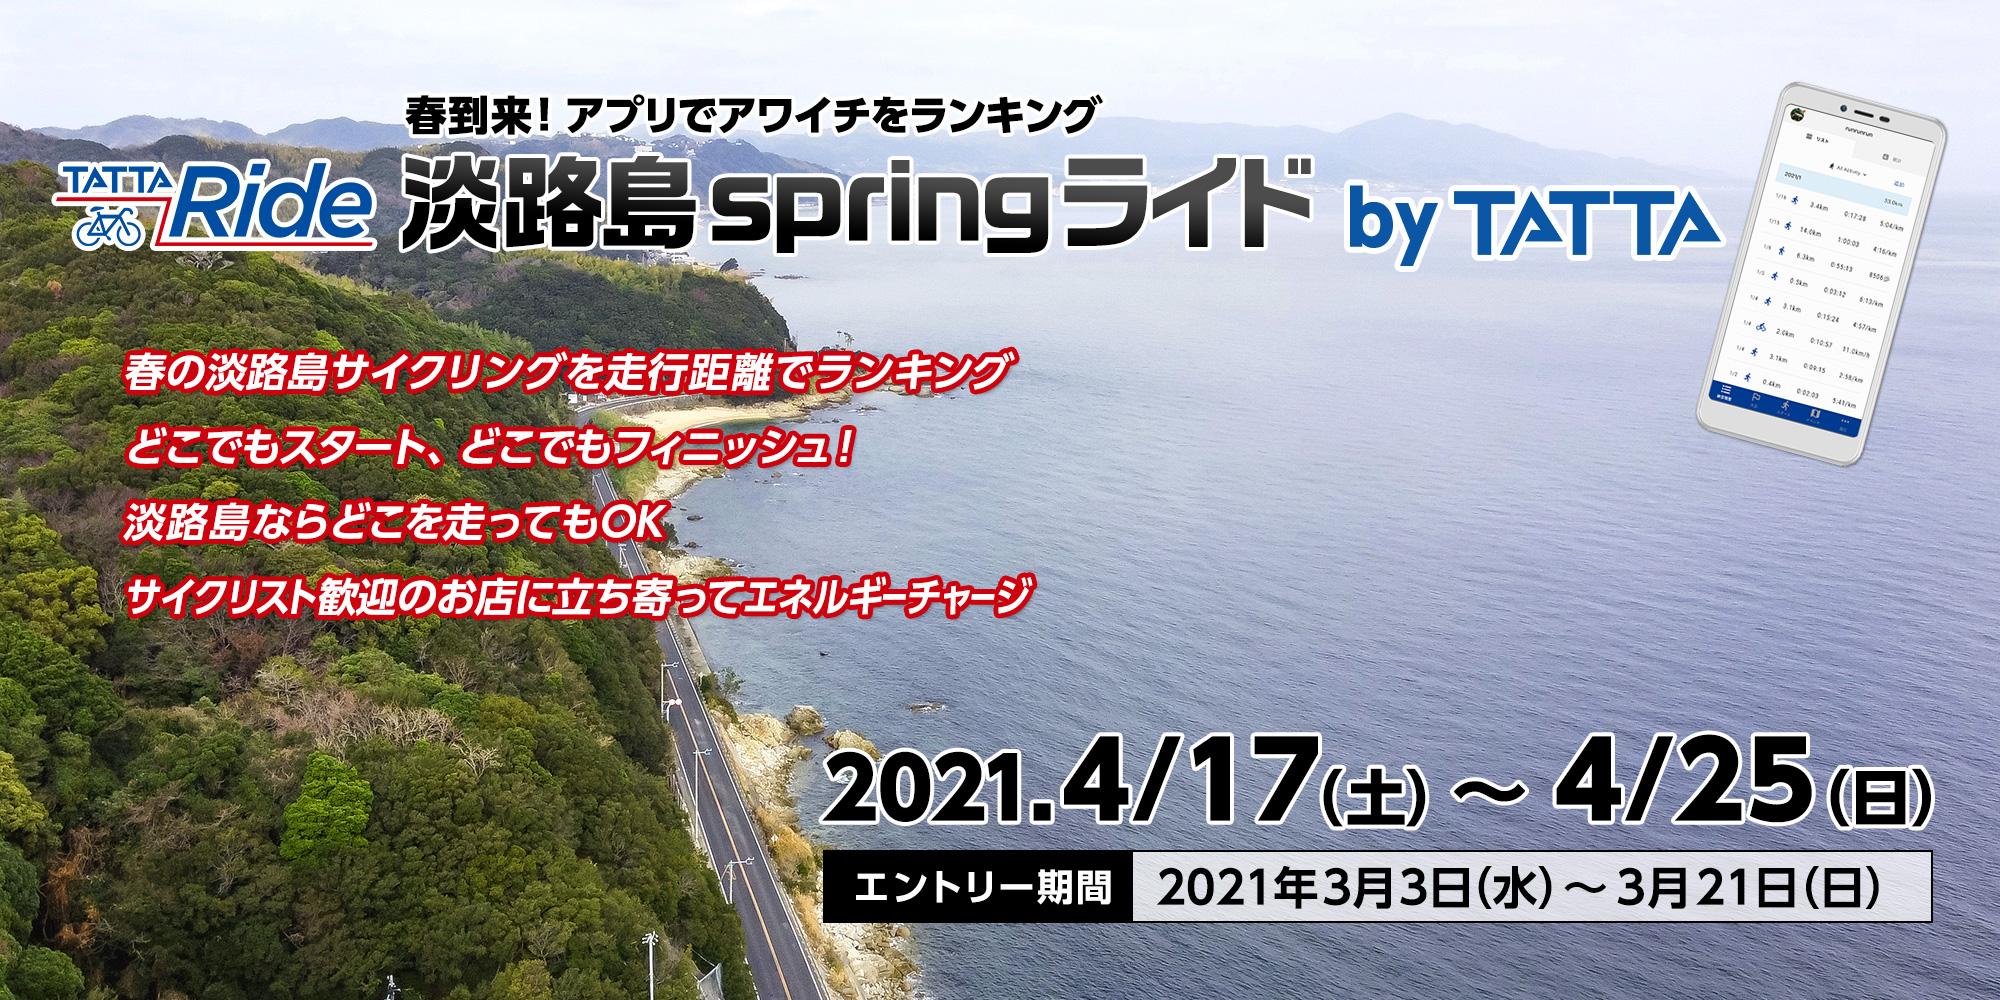 淡路島を舞台にした新しいサイクルオンラインイベント誕生! 「淡路島Springライド by TATTA」